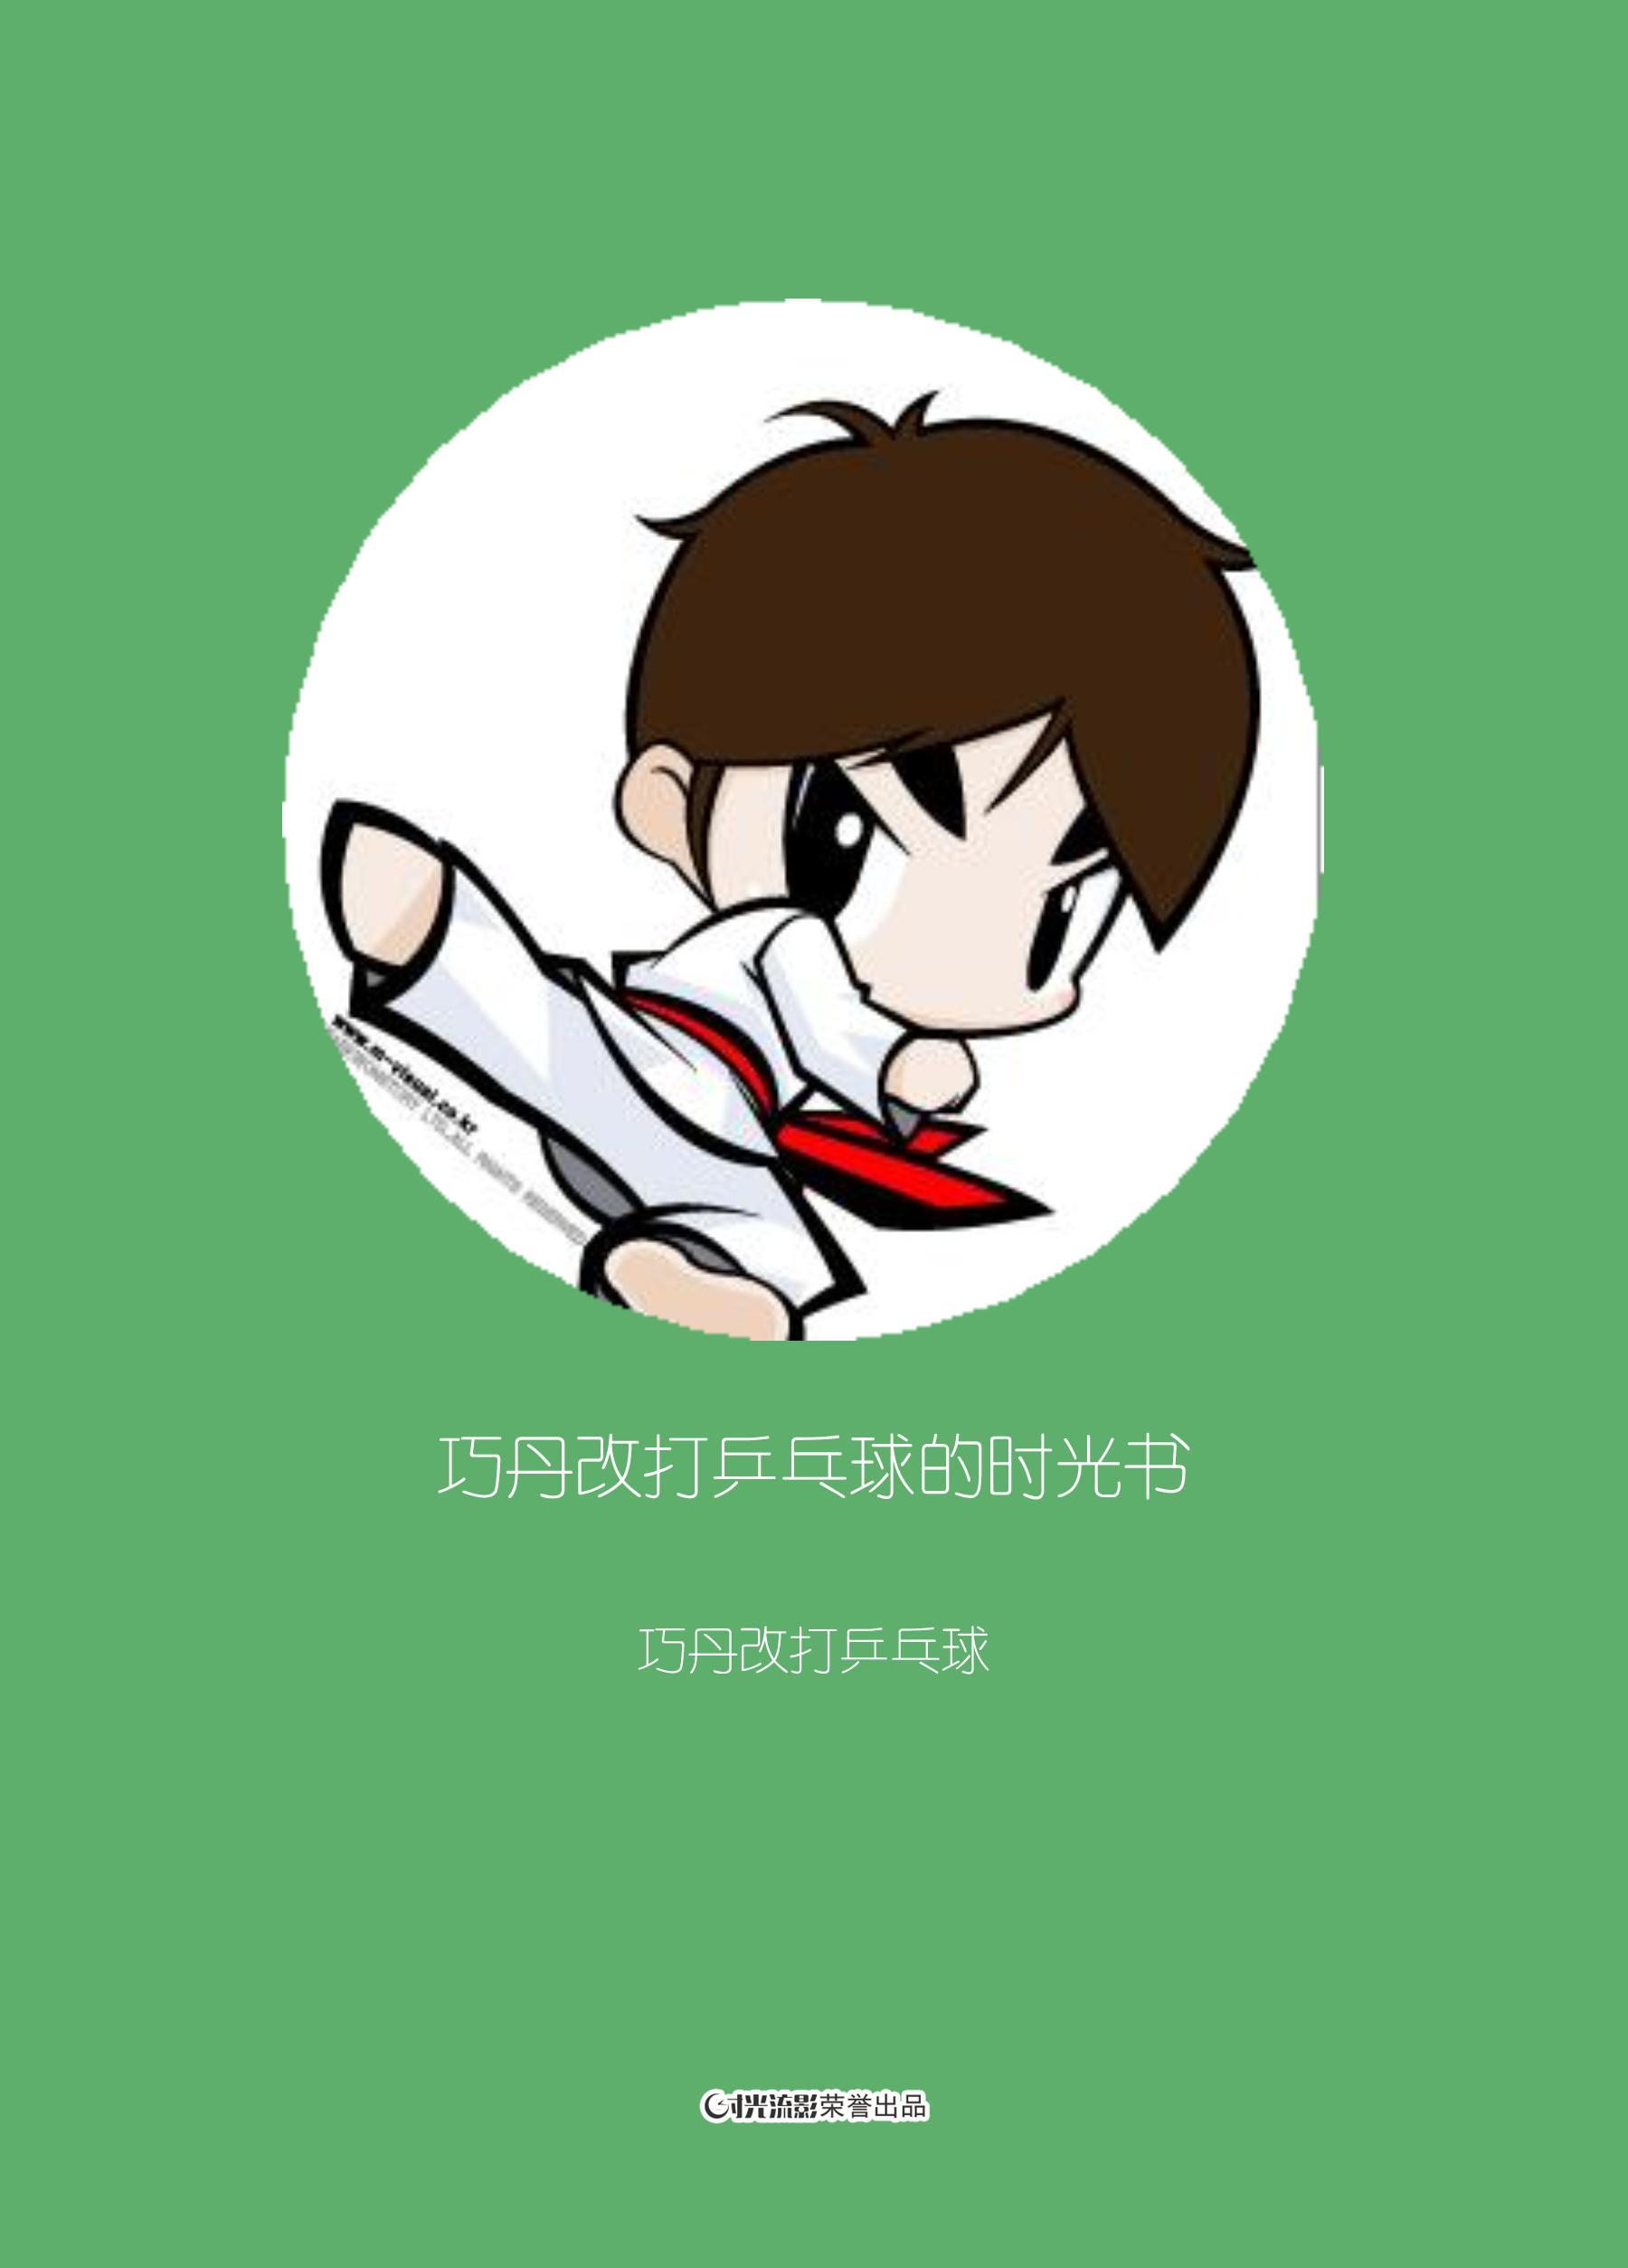 巧丹改打乒乓球的时光书_时光流影timeface